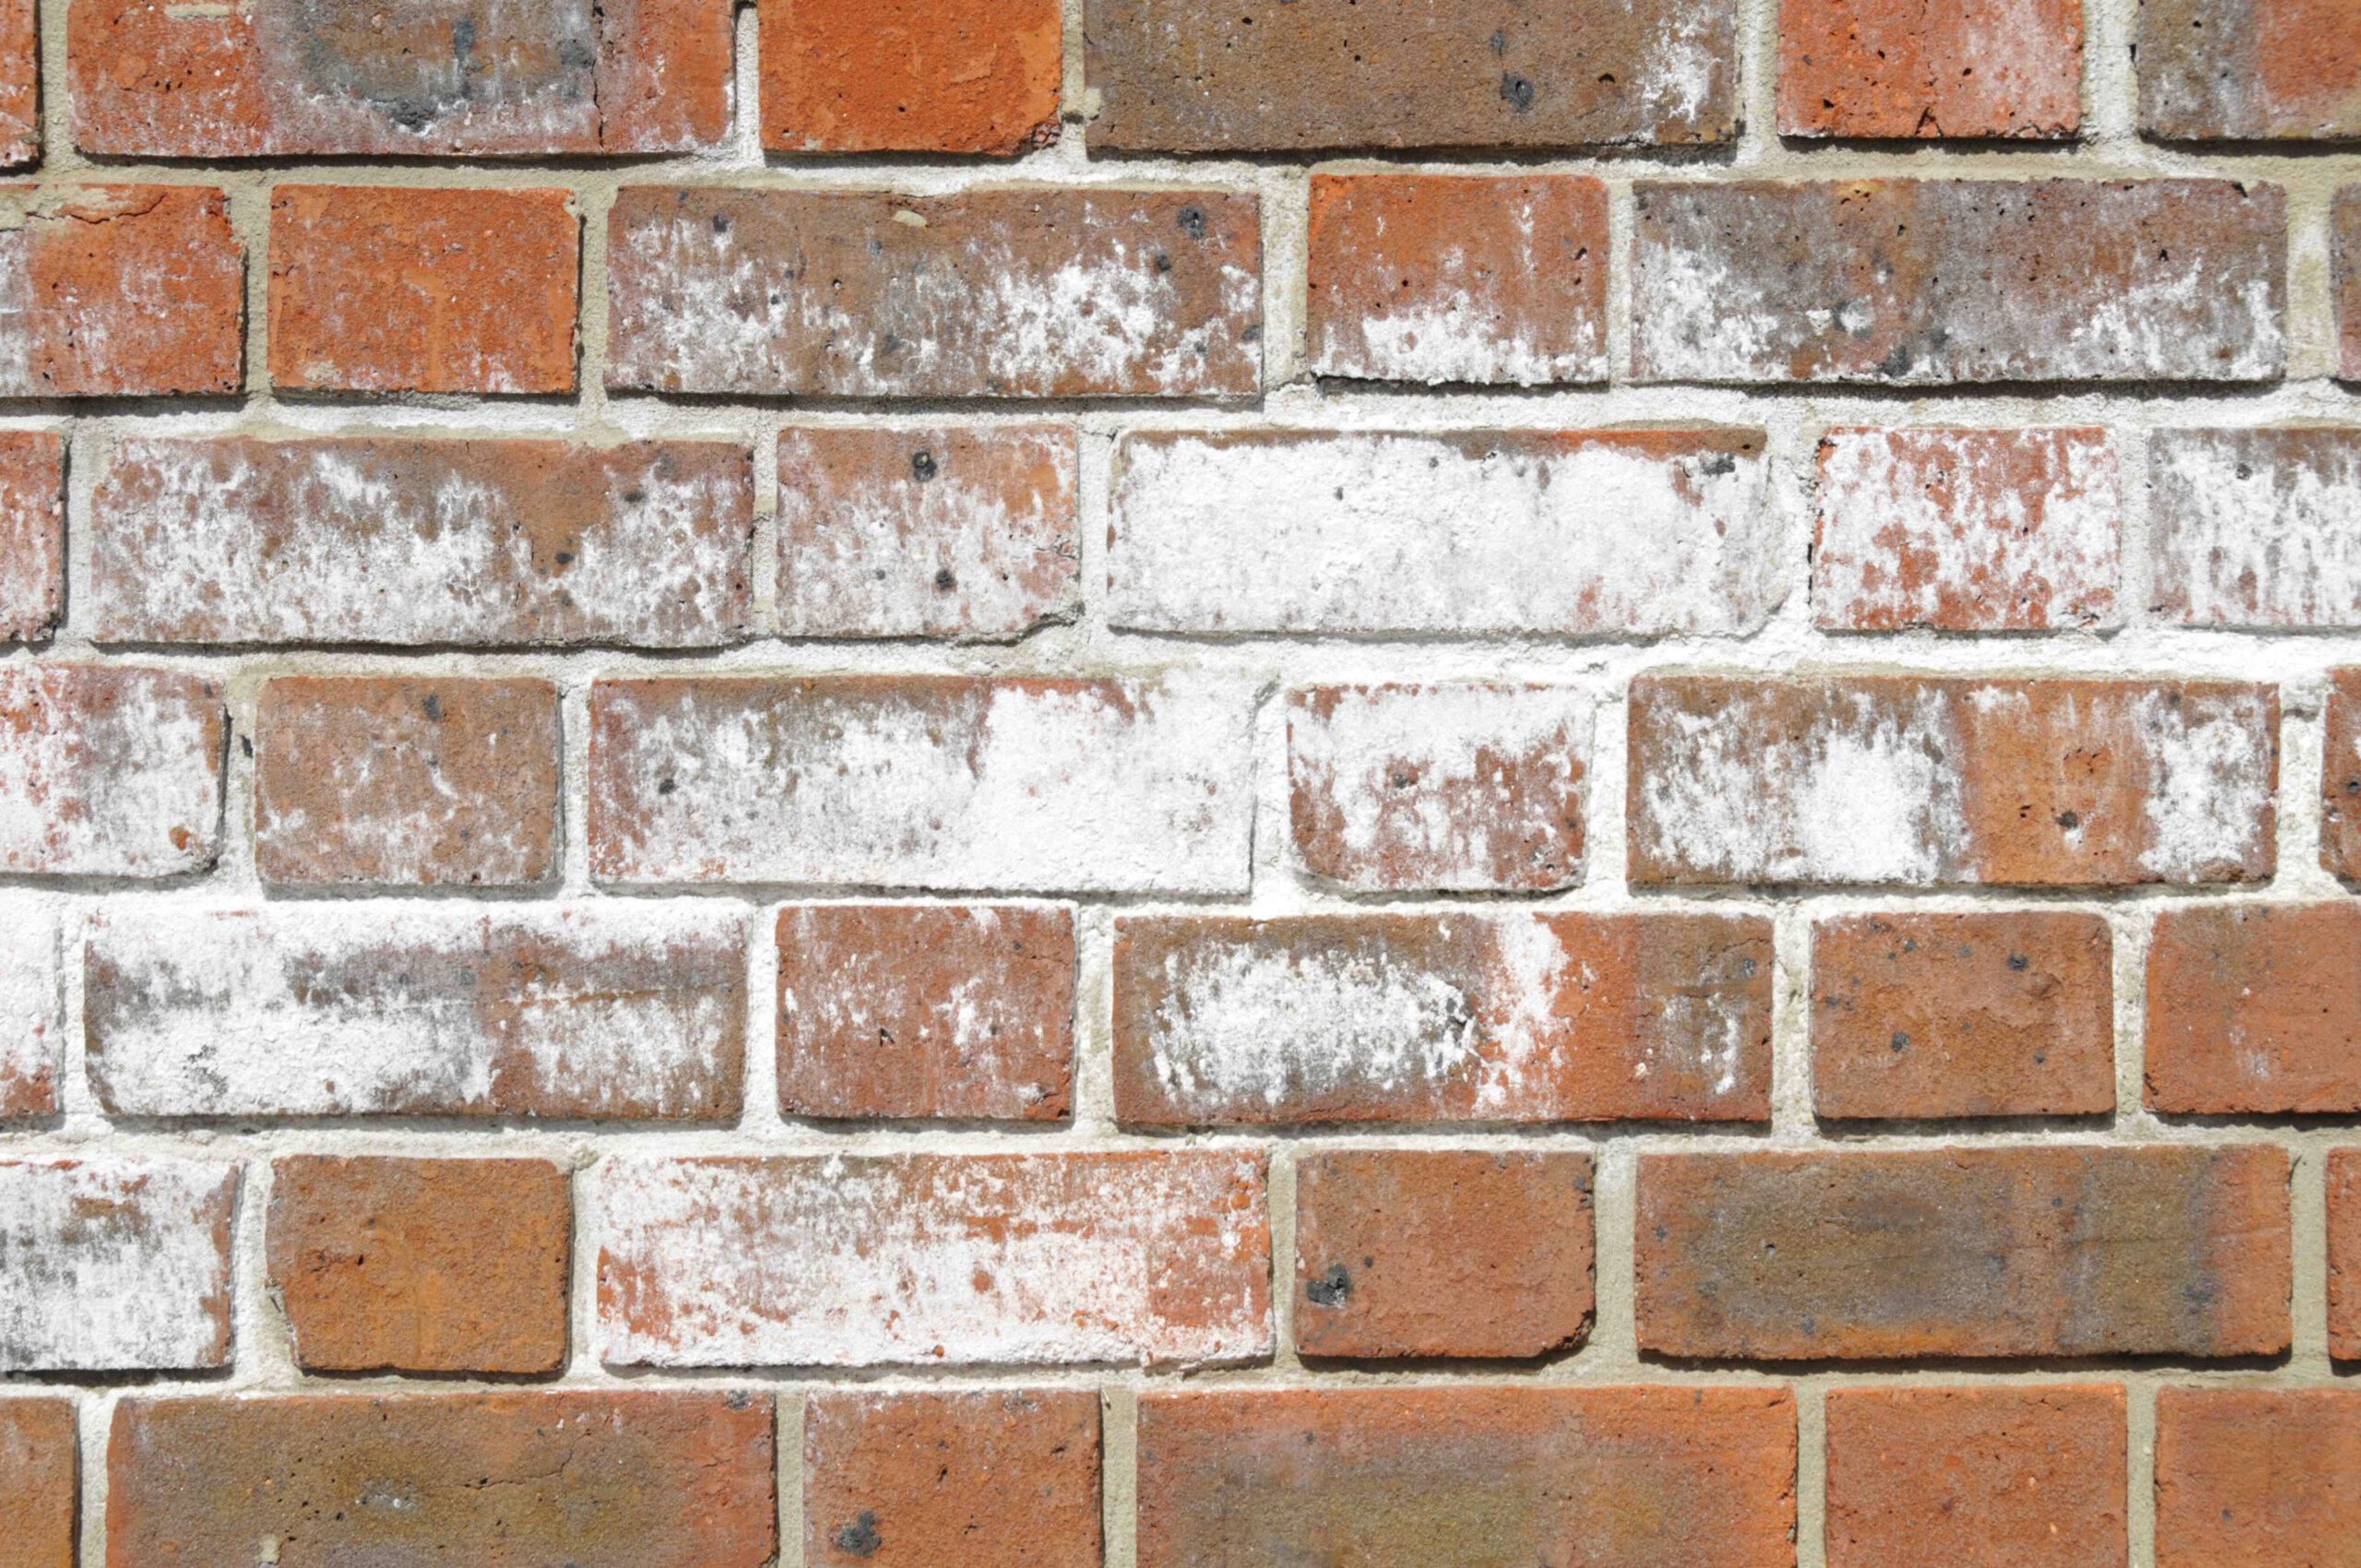 Comment enlever les taches blanches des briques ?